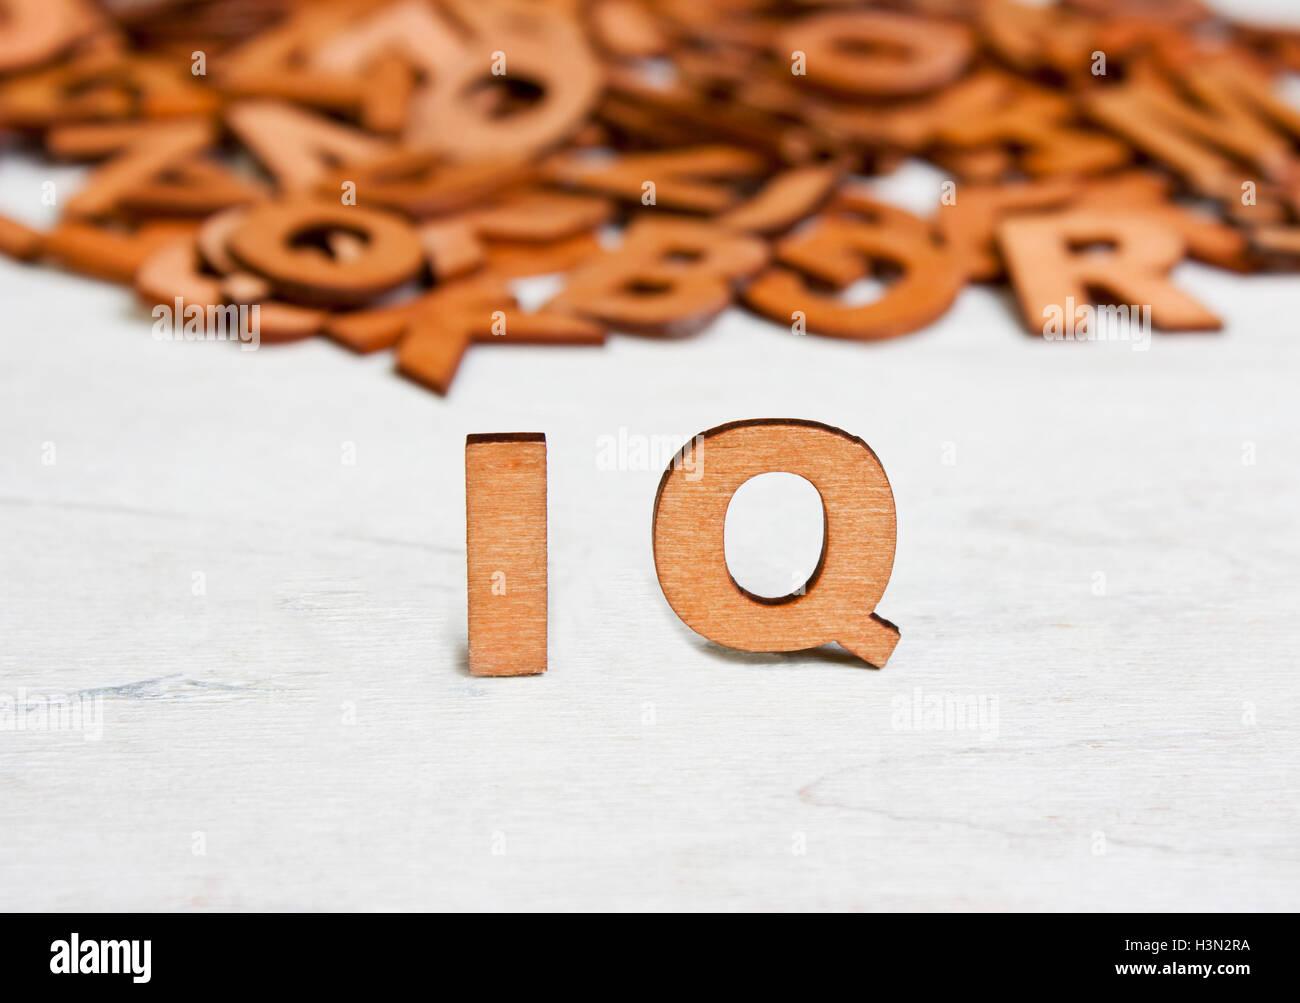 Palabra IQ (cociente de inteligencia), se hará con letras de madera sobre un fondo de otras letras borrosas Imagen De Stock